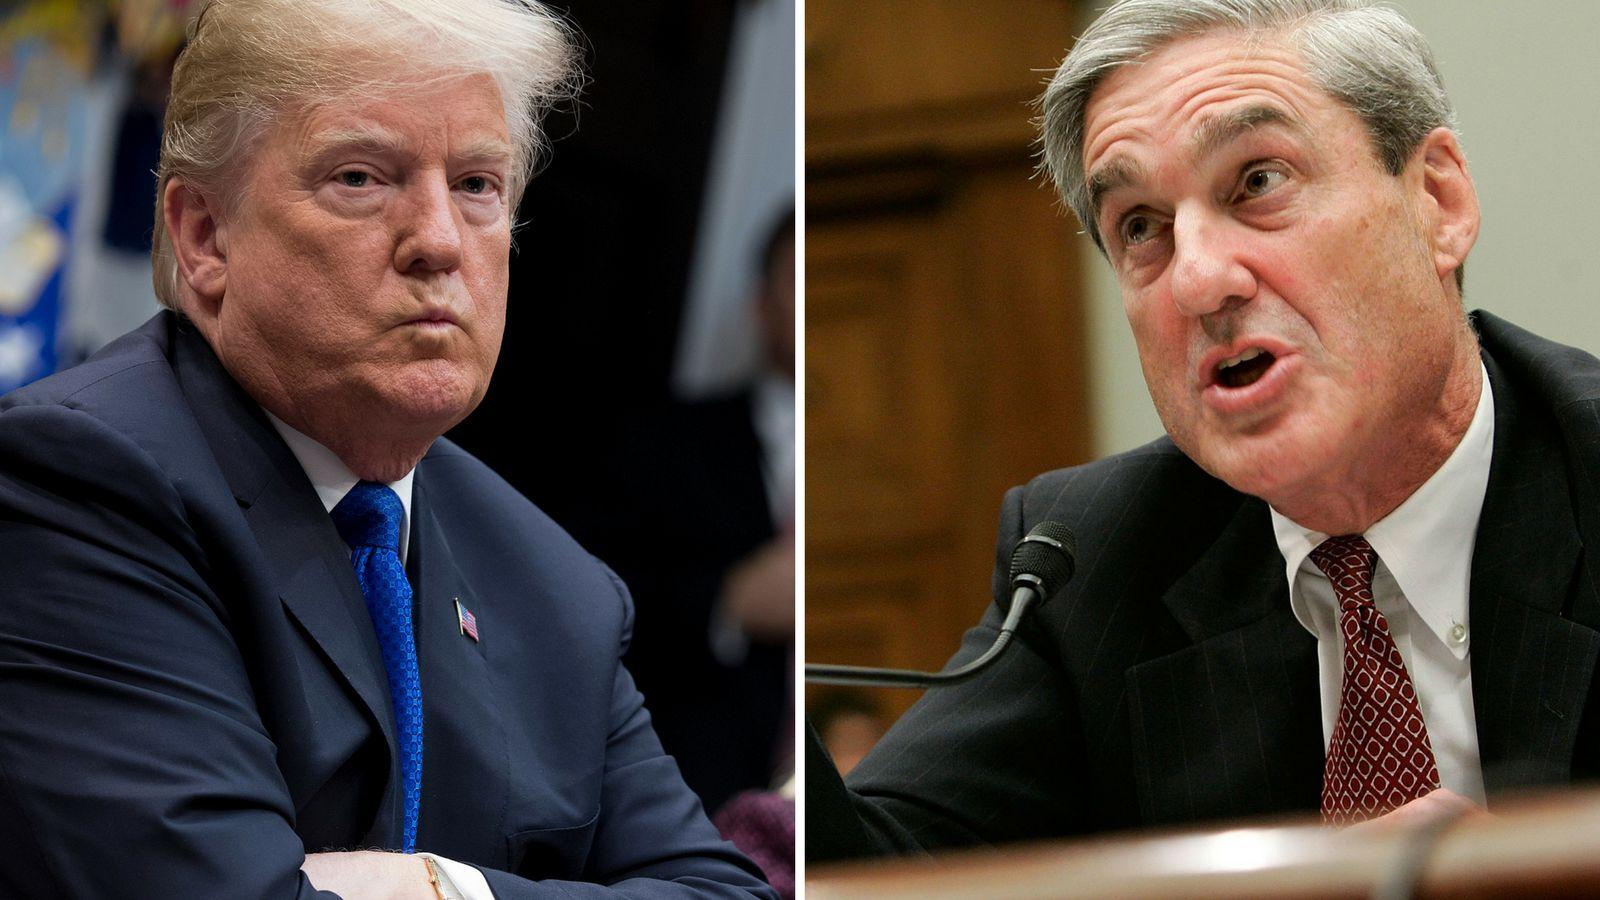 Weißes Haus schweigt zu möglicher Befragung Trumps durch Mueller